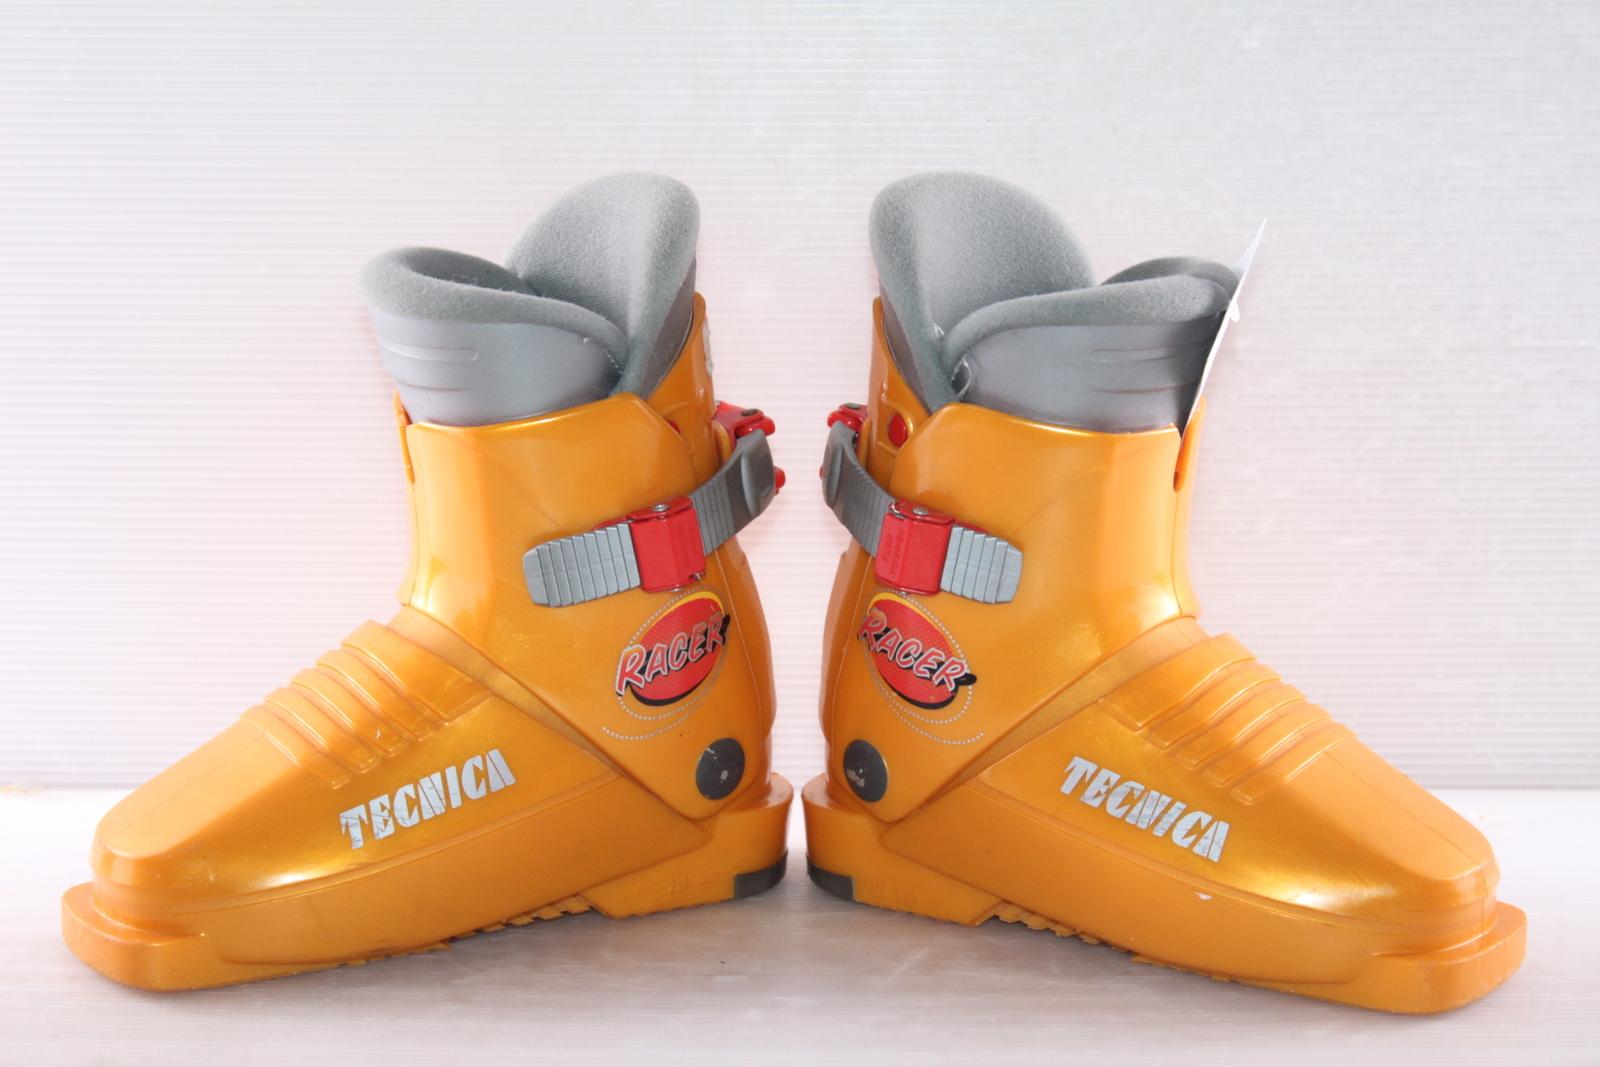 Dětské lyžáky Tecnica Racer vel. EU26.5